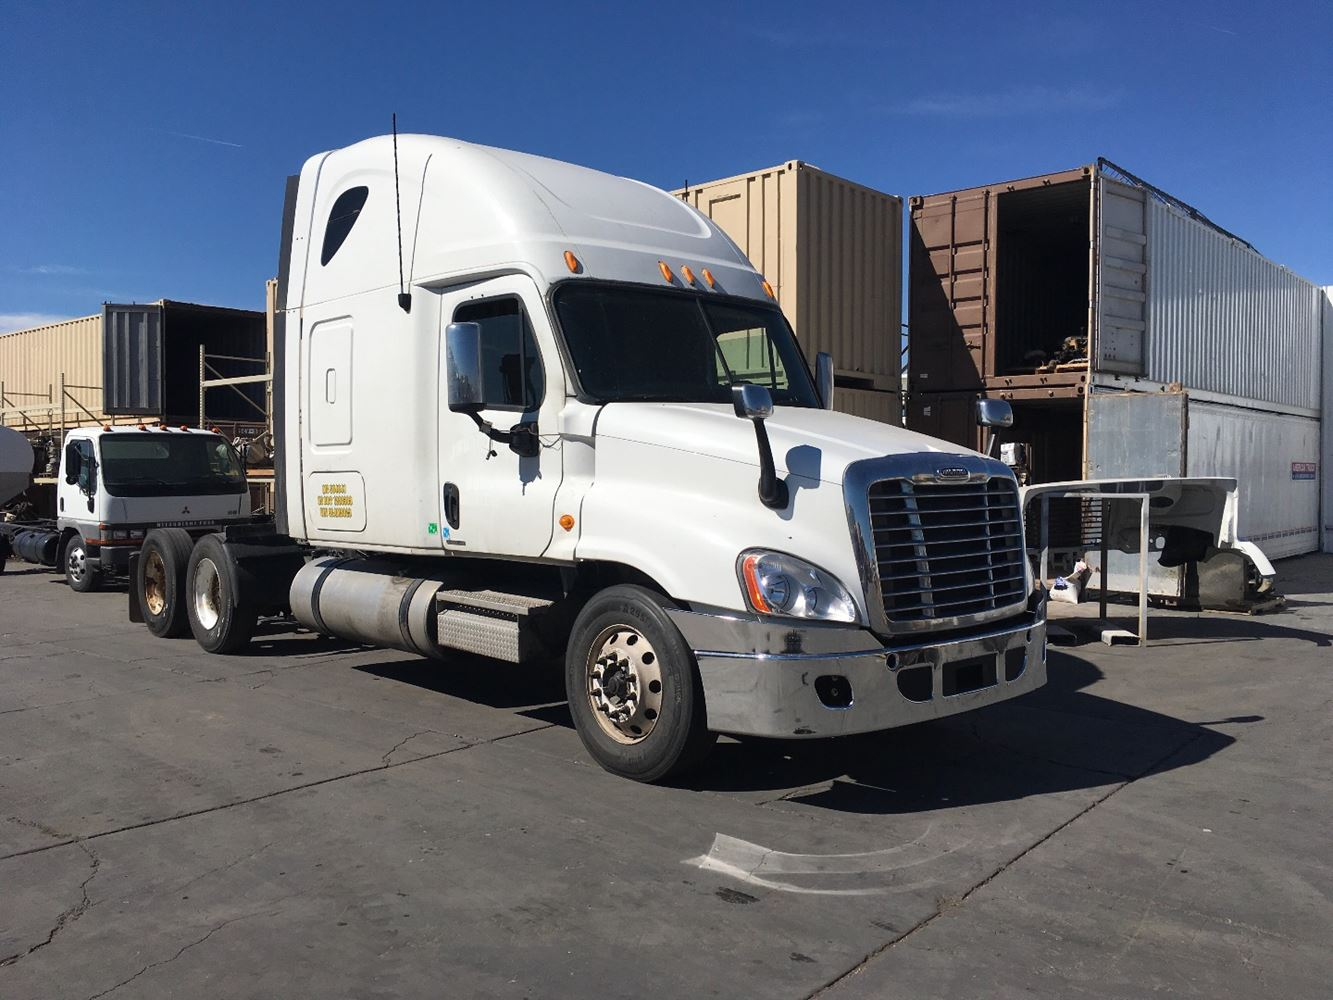 2009 Freightliner Cascadia (Stock #SV-1057-5)